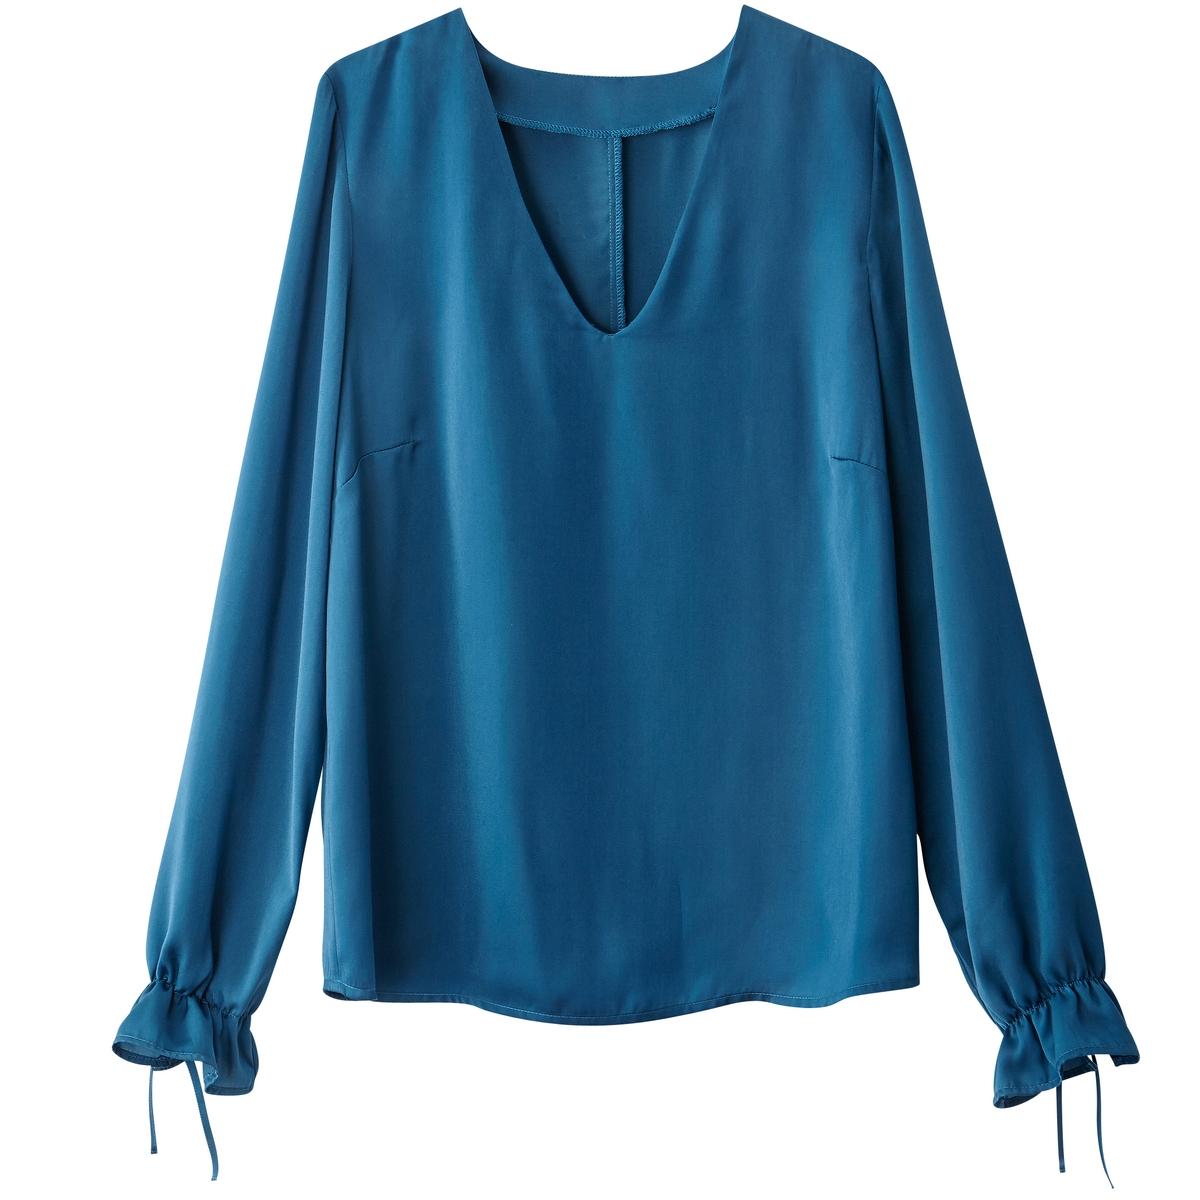 Блузка с V-образным вырезом, манжеты с завязками